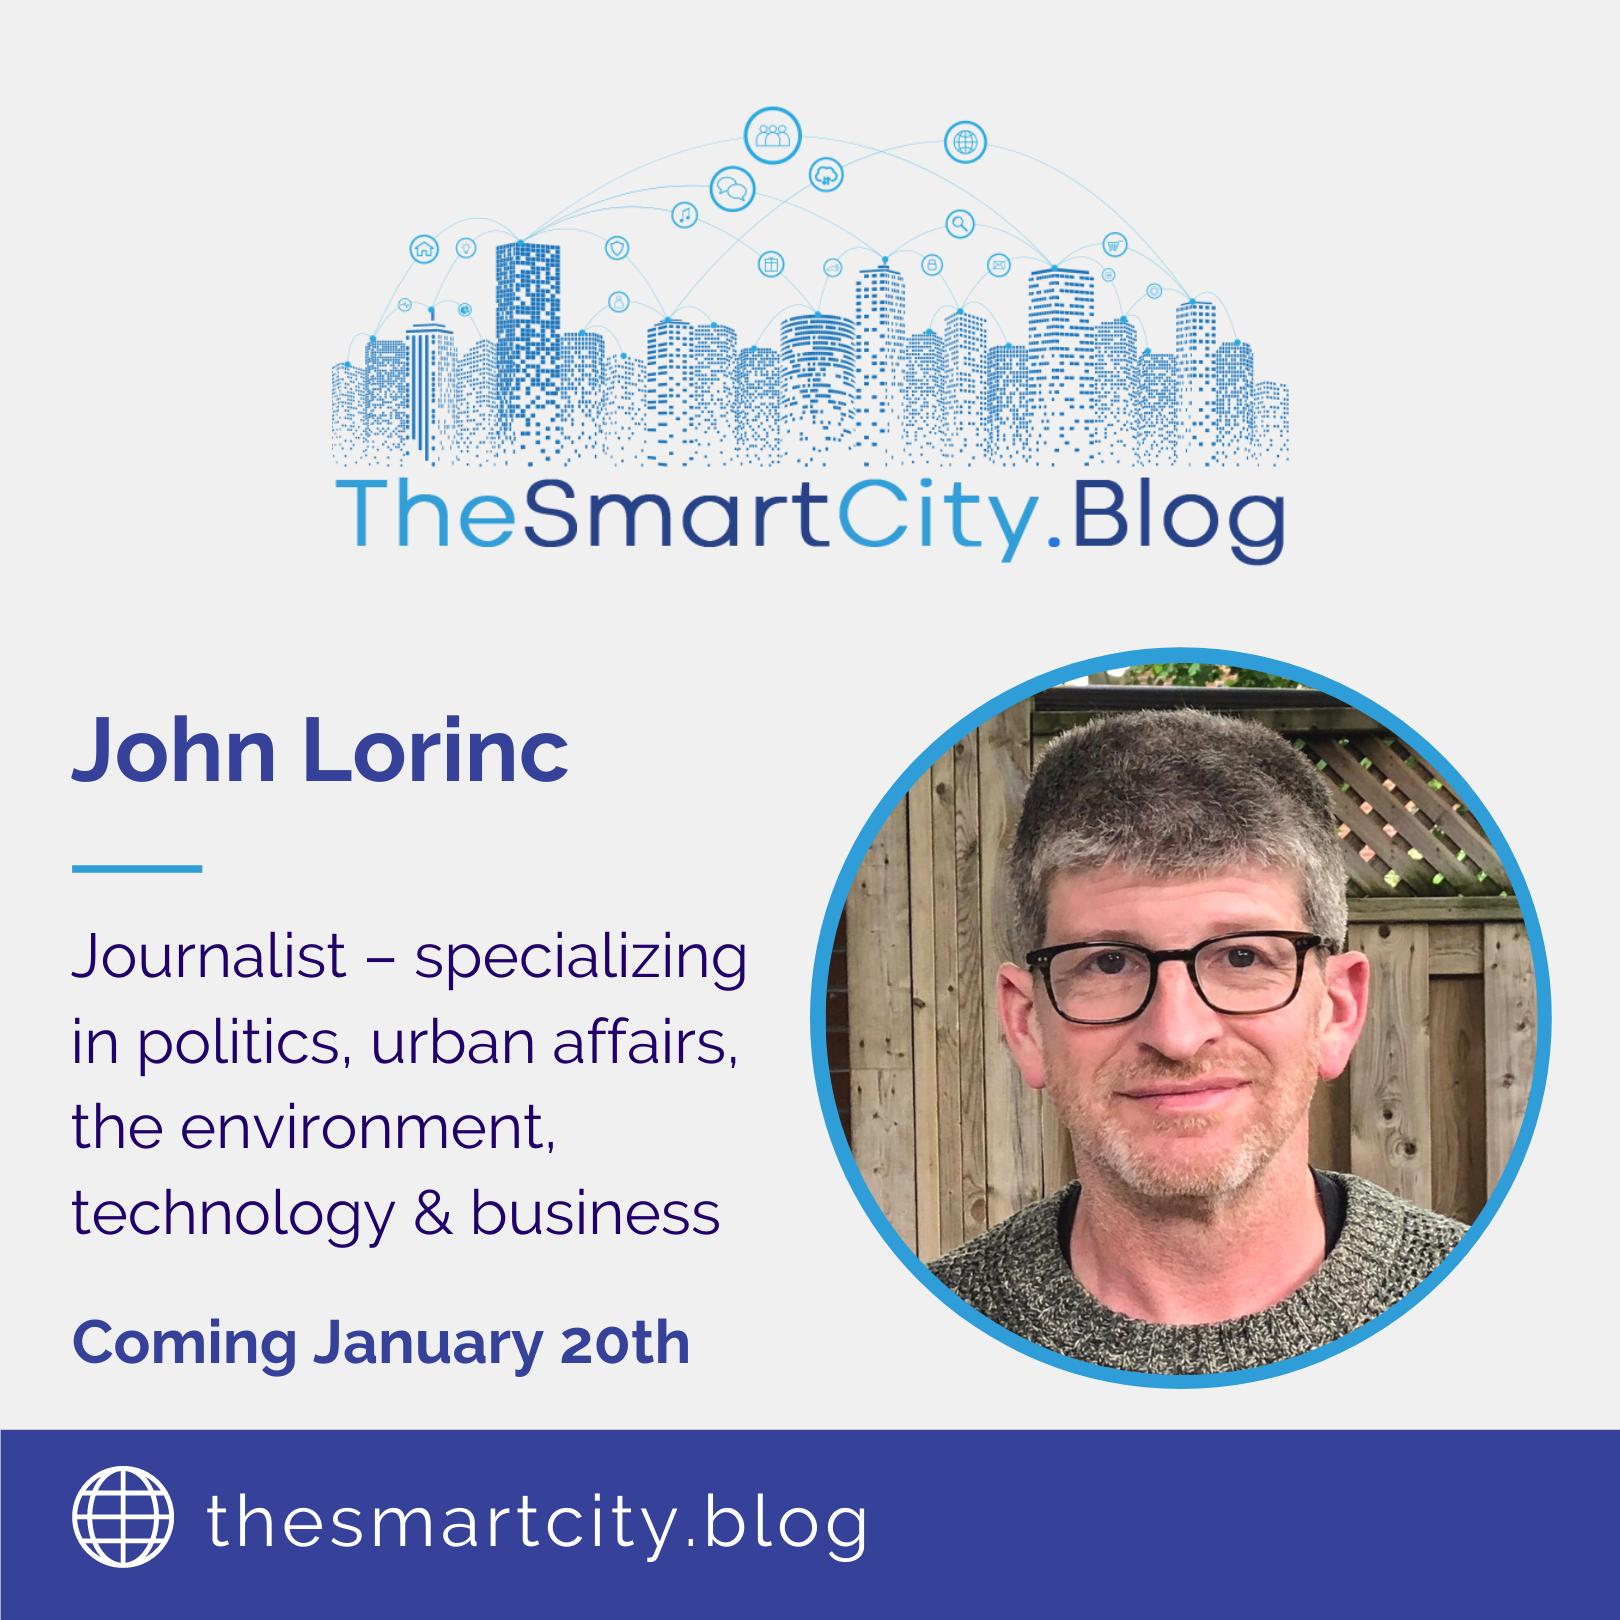 John Lorinc